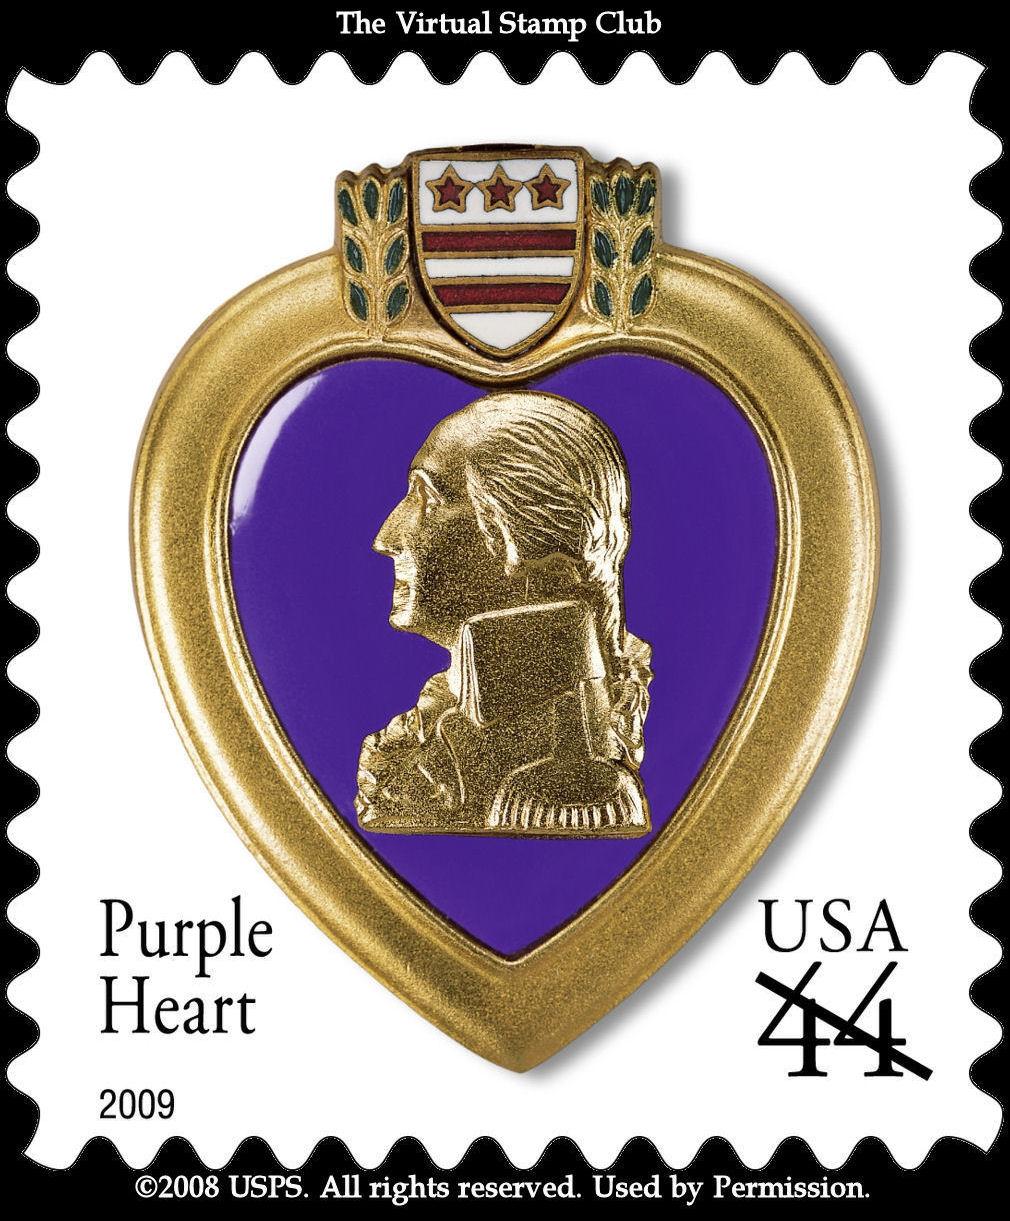 Purple Heart (2009)